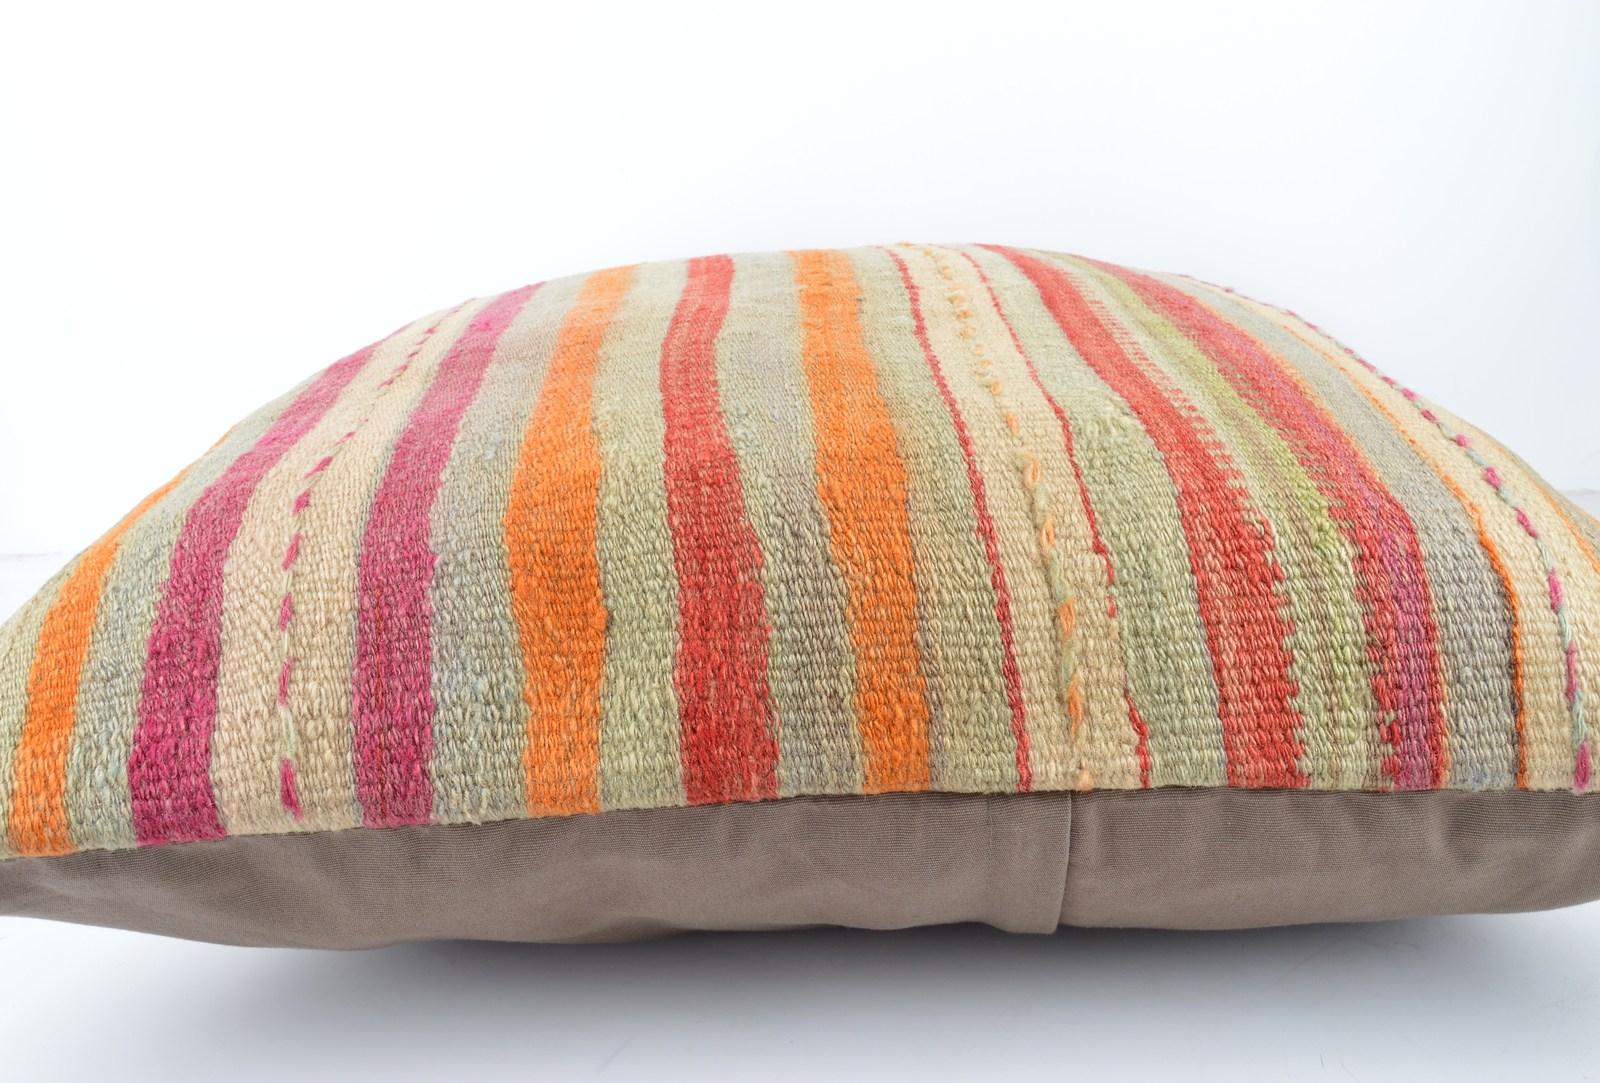 24x24 inch pillow ,extra large pillow,european pillow,decorative pillow 24,large